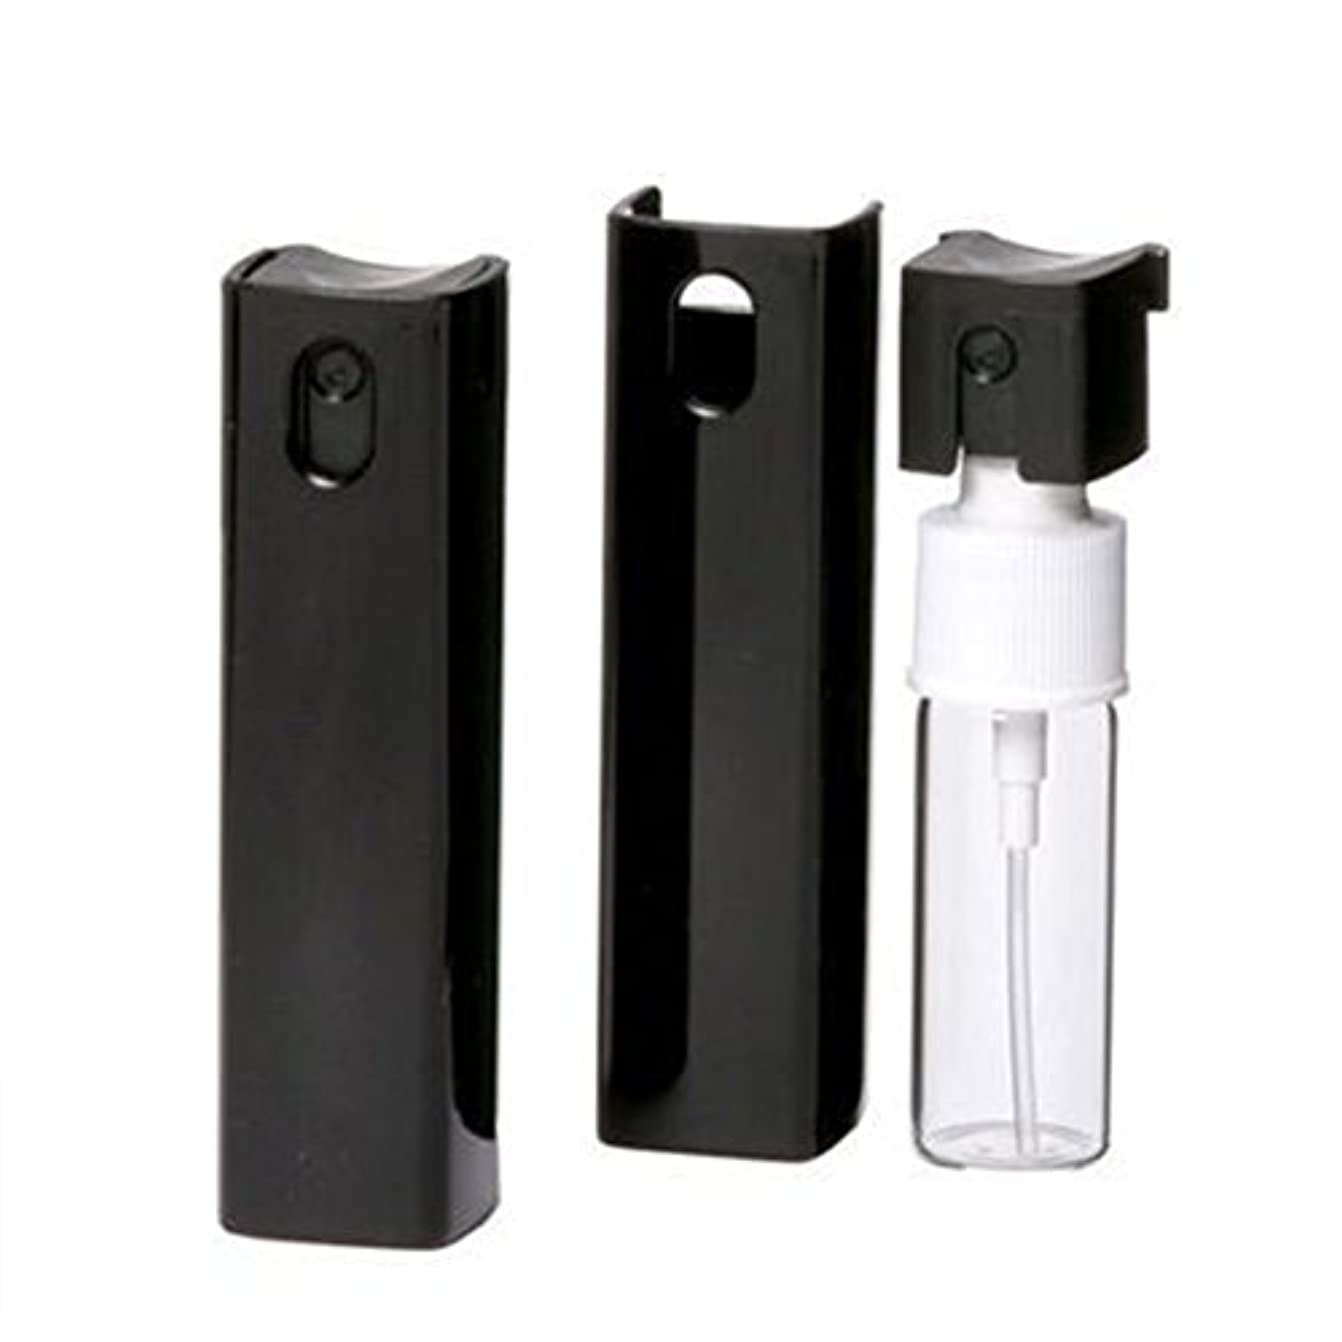 見えないセッションエピソードShopXJ 香水 メンズ アトマイザー 大人 男性 プッシュ式 詰め替え 持ち運び 身だしなみ 携帯用 10ml